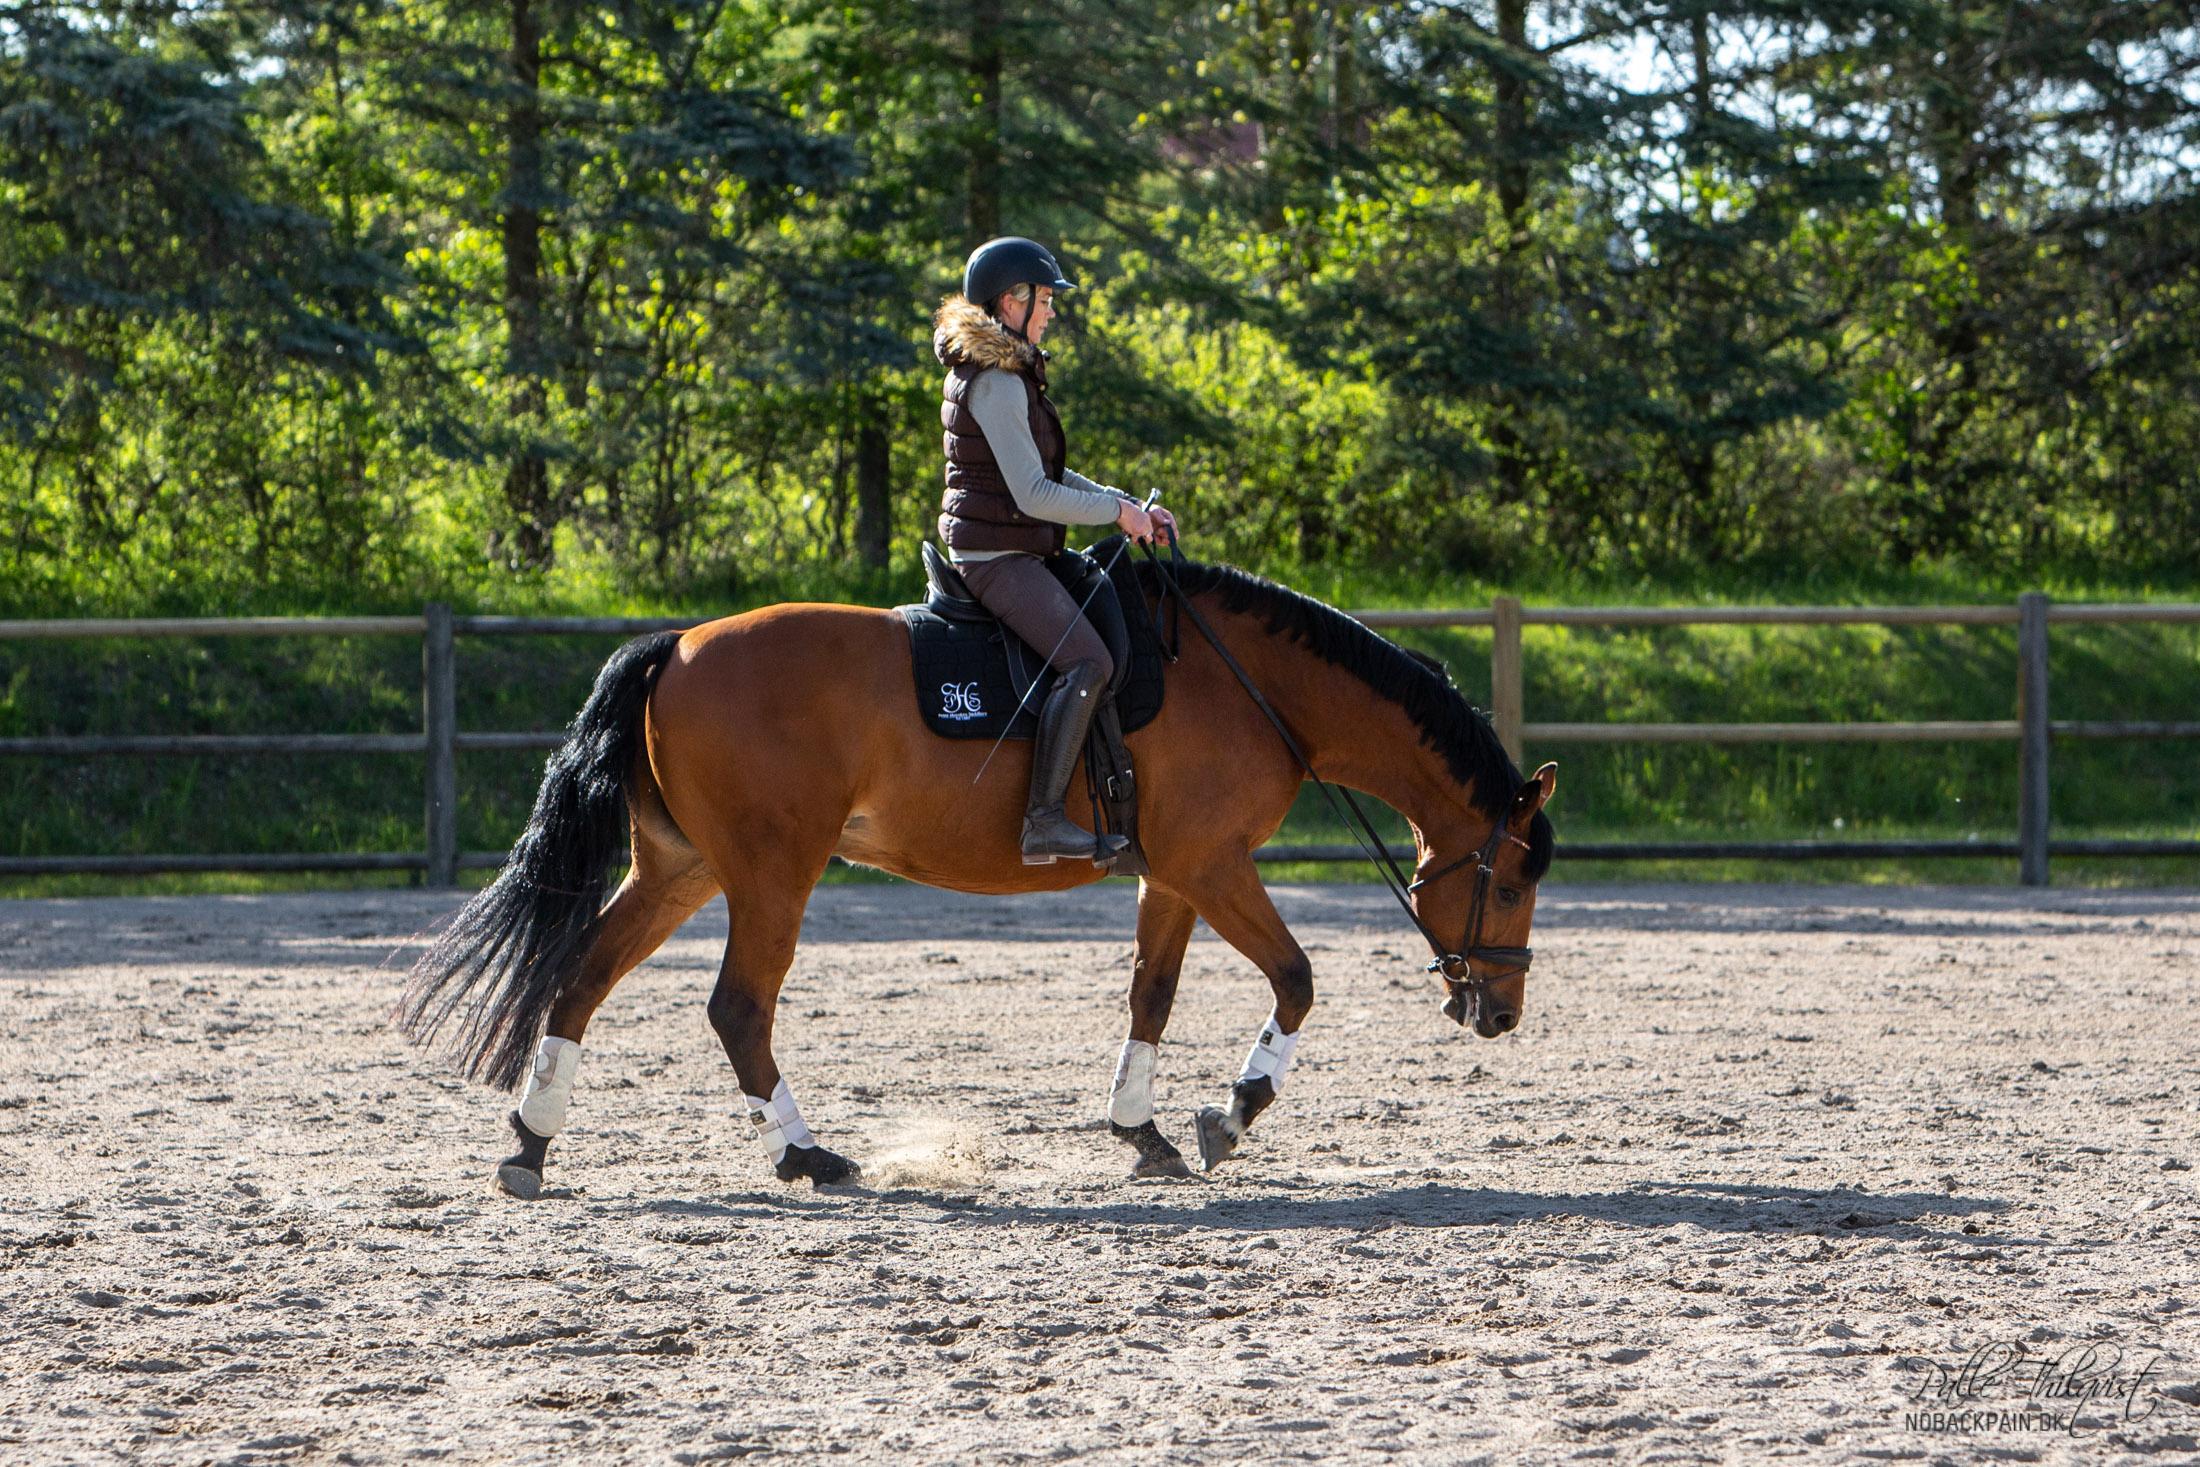 Noller i skridt mens han strækker sig dybt. Hesten kan godt være anspændt eller ude af takt selvom den strækker sig dybt. Men i de fleste tilfælde vil hesten begynde at slappe af når den strækker sig.